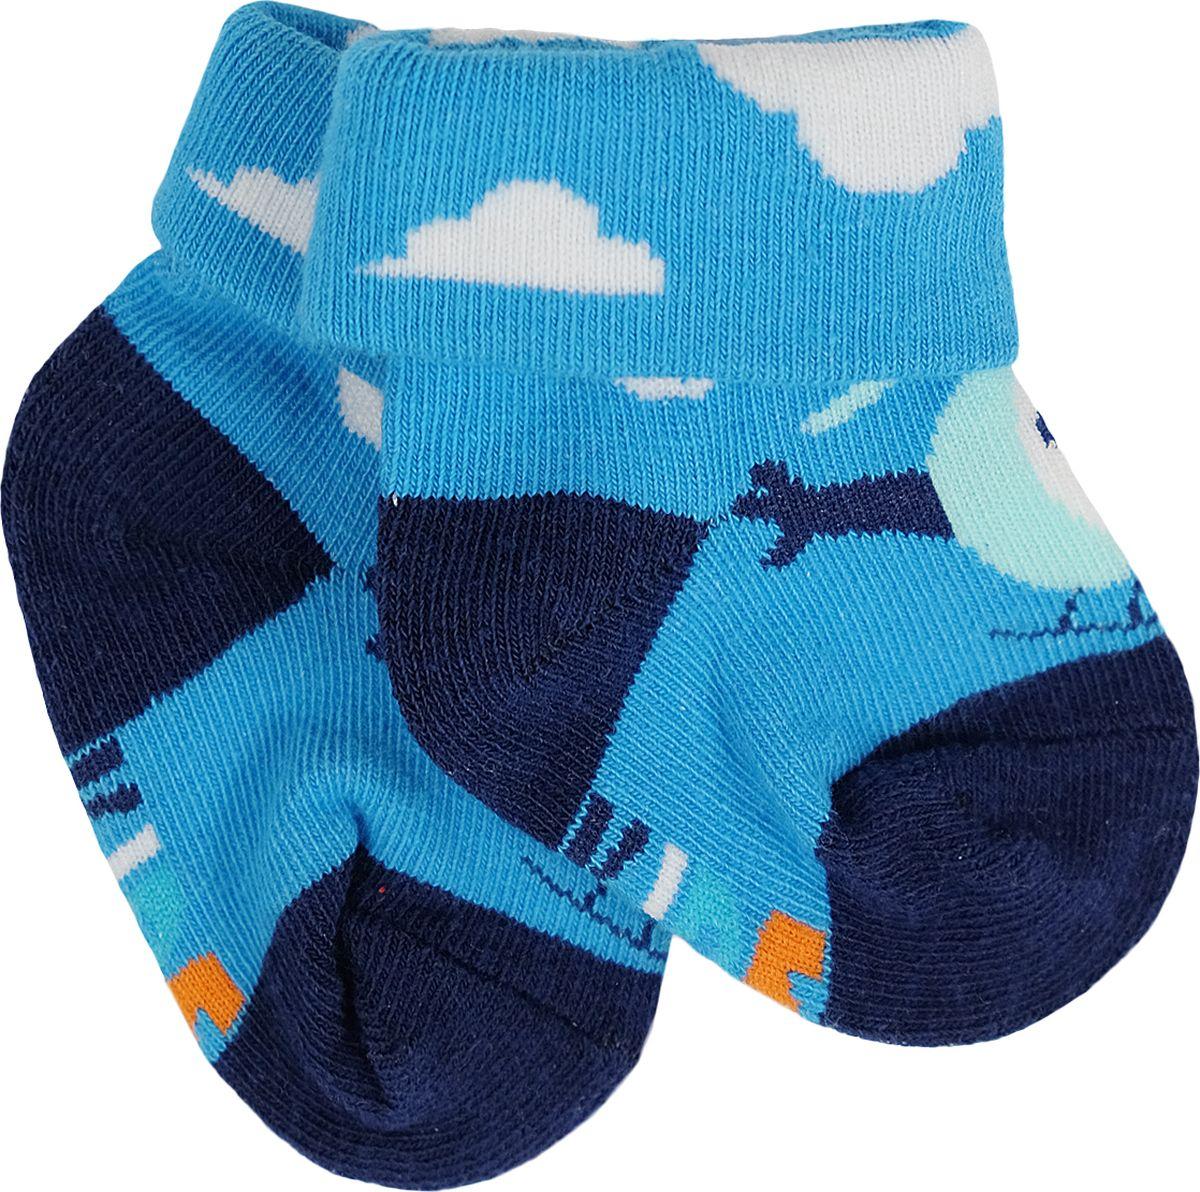 Носки для мальчика Reike, цвет: синий. RSK18_TRV blue. Размер 10RSK18_TRV blueНоски с отворотами для мальчика выполнены из хлопка с добавлением полиэстера и полиуретана. Эластичная резинка мягко облегает ножку ребенка. Усиленные пятка и мысок обеспечивают надежность и долговечность.